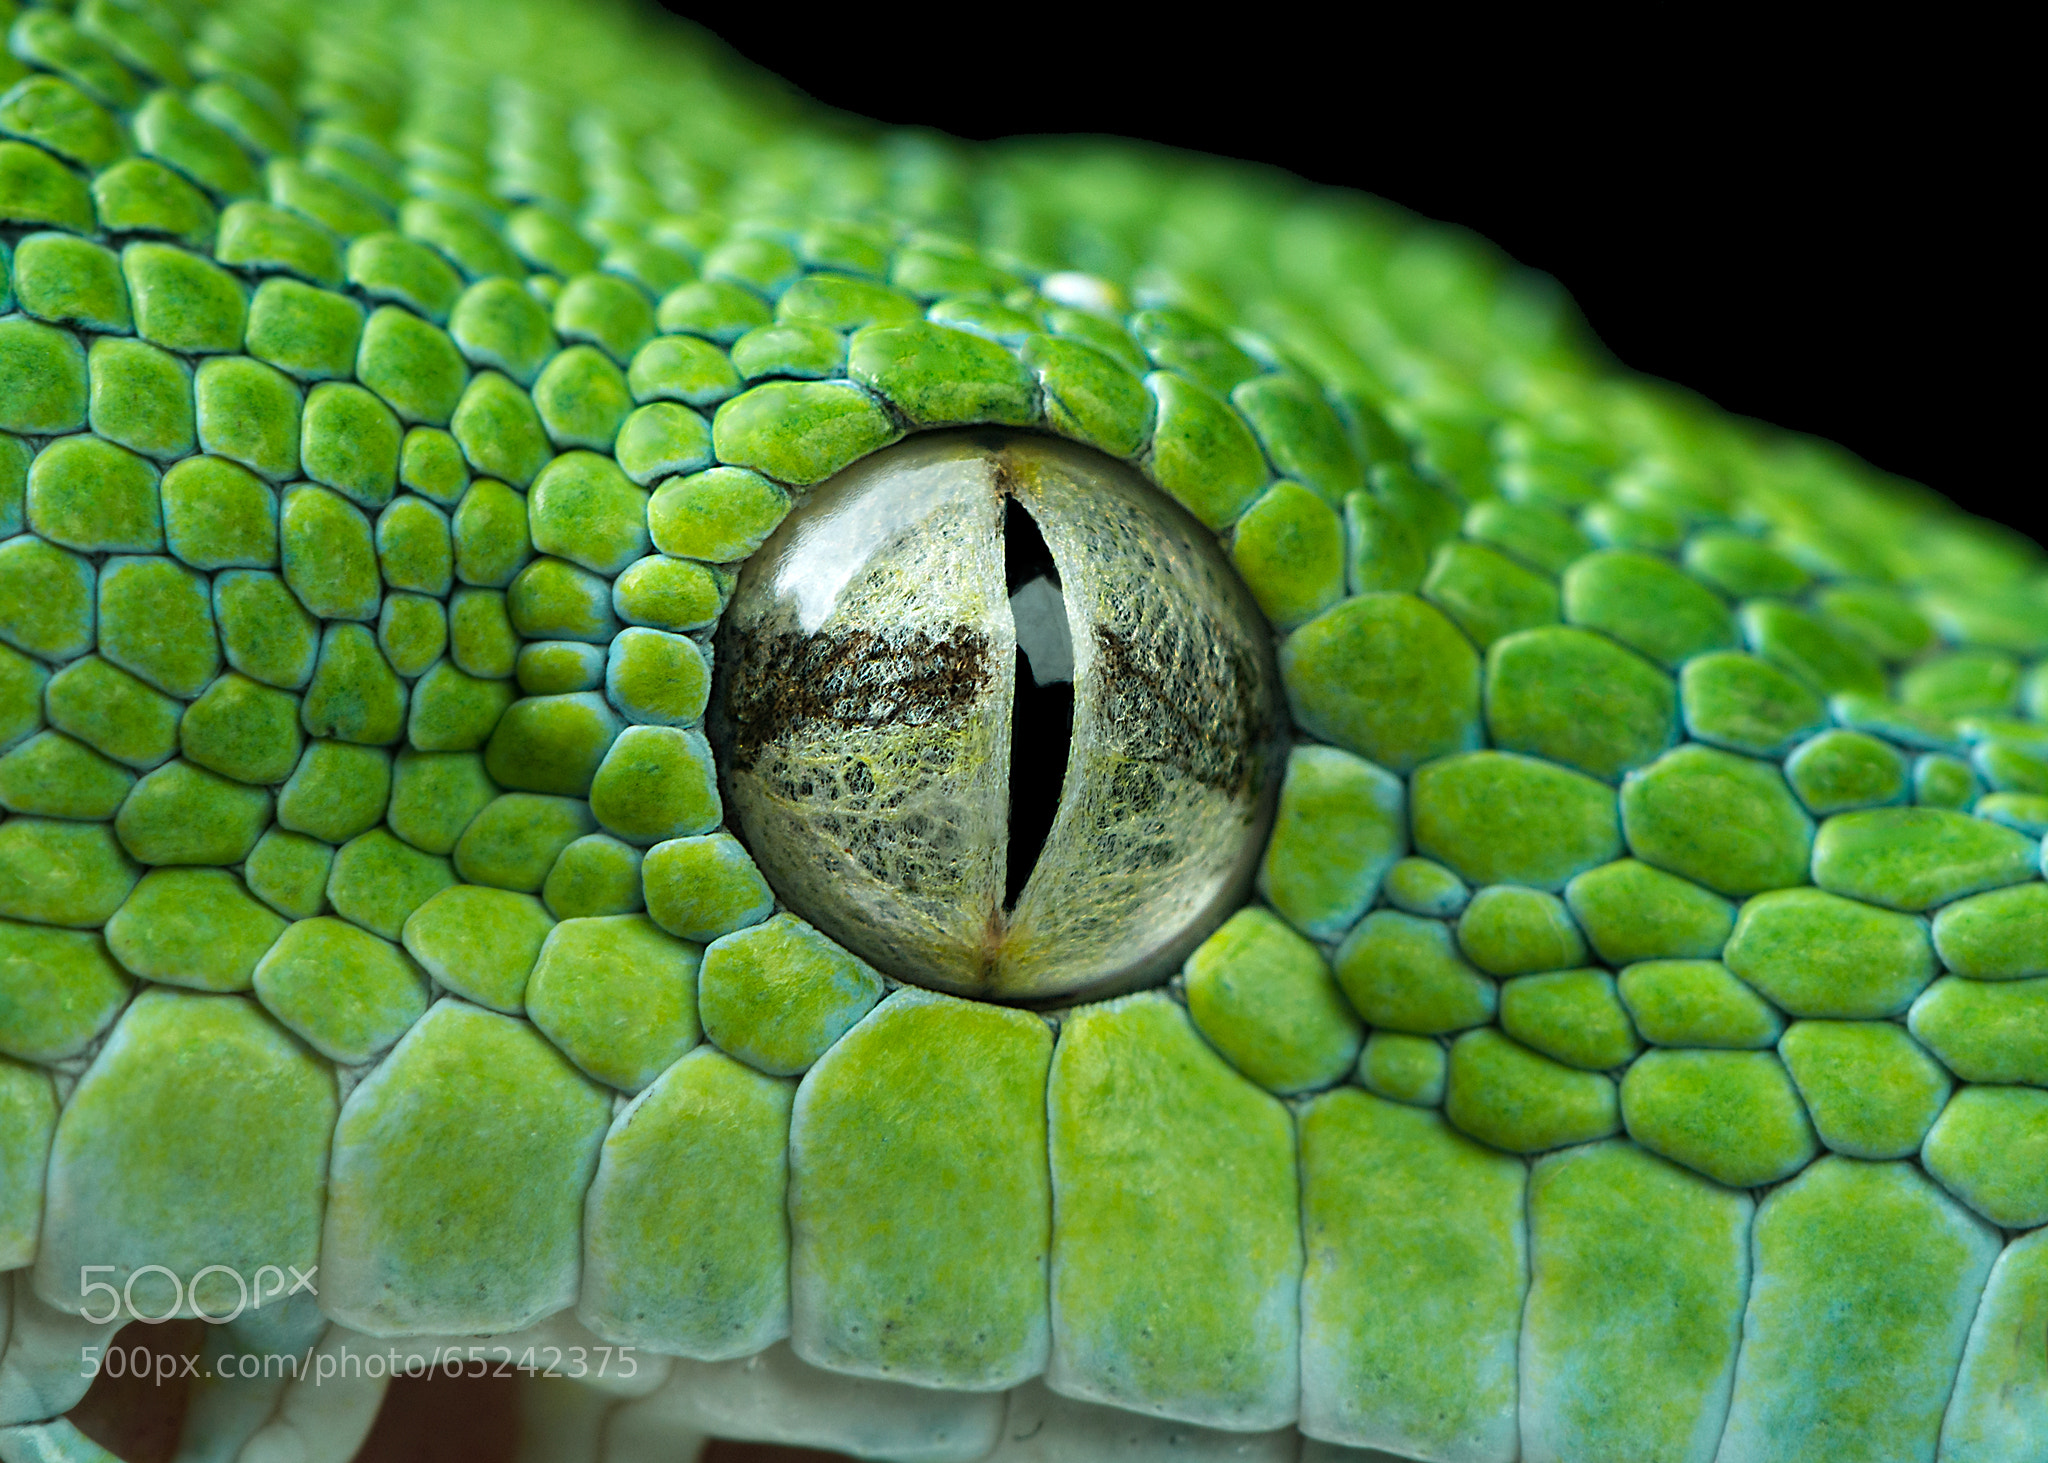 snake eye closeup by henrik vind 500px. Black Bedroom Furniture Sets. Home Design Ideas